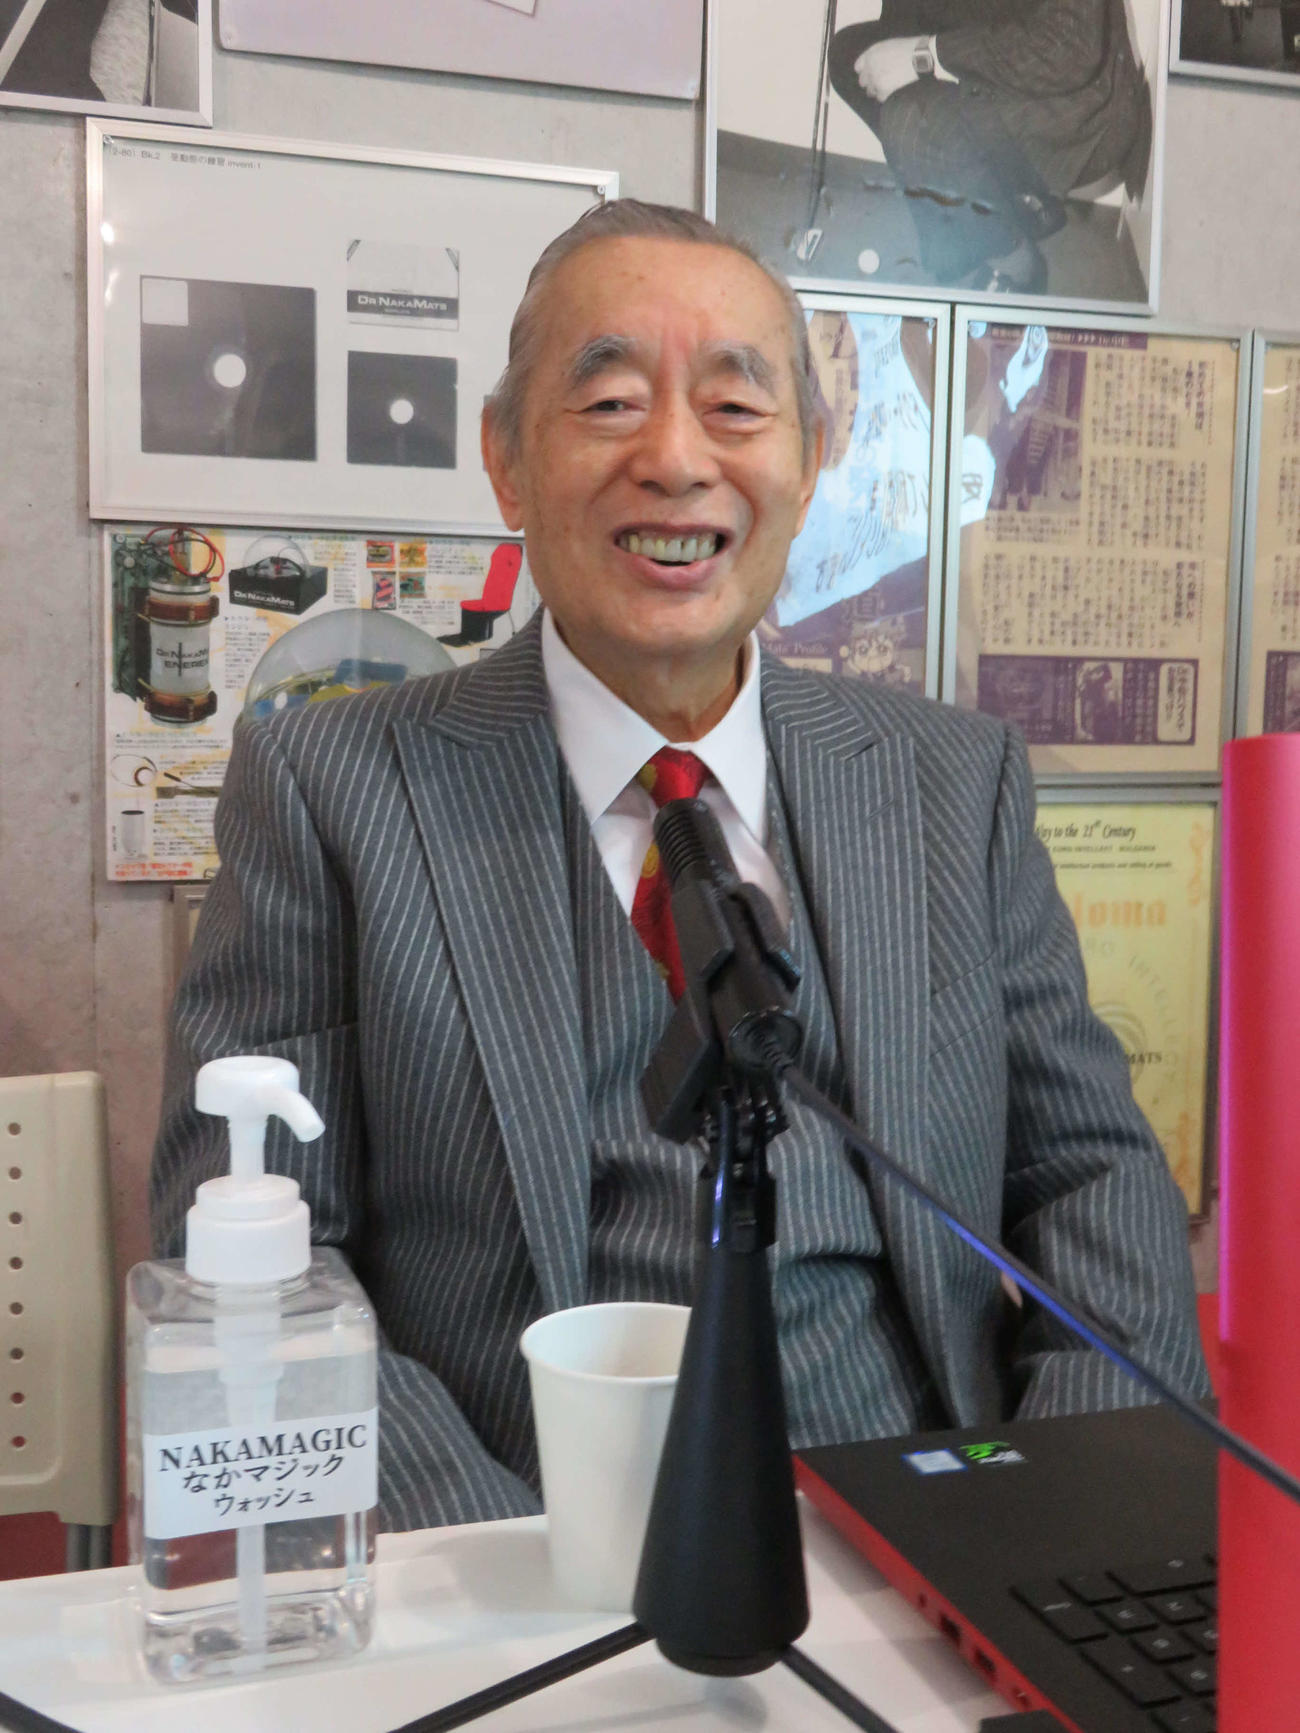 新型コロナウイルス対策の新製品「NAKAMAGIC(なかマジック)ウォッシュ」を前に、笑顔のドクター・中松氏(撮影・村上幸将)